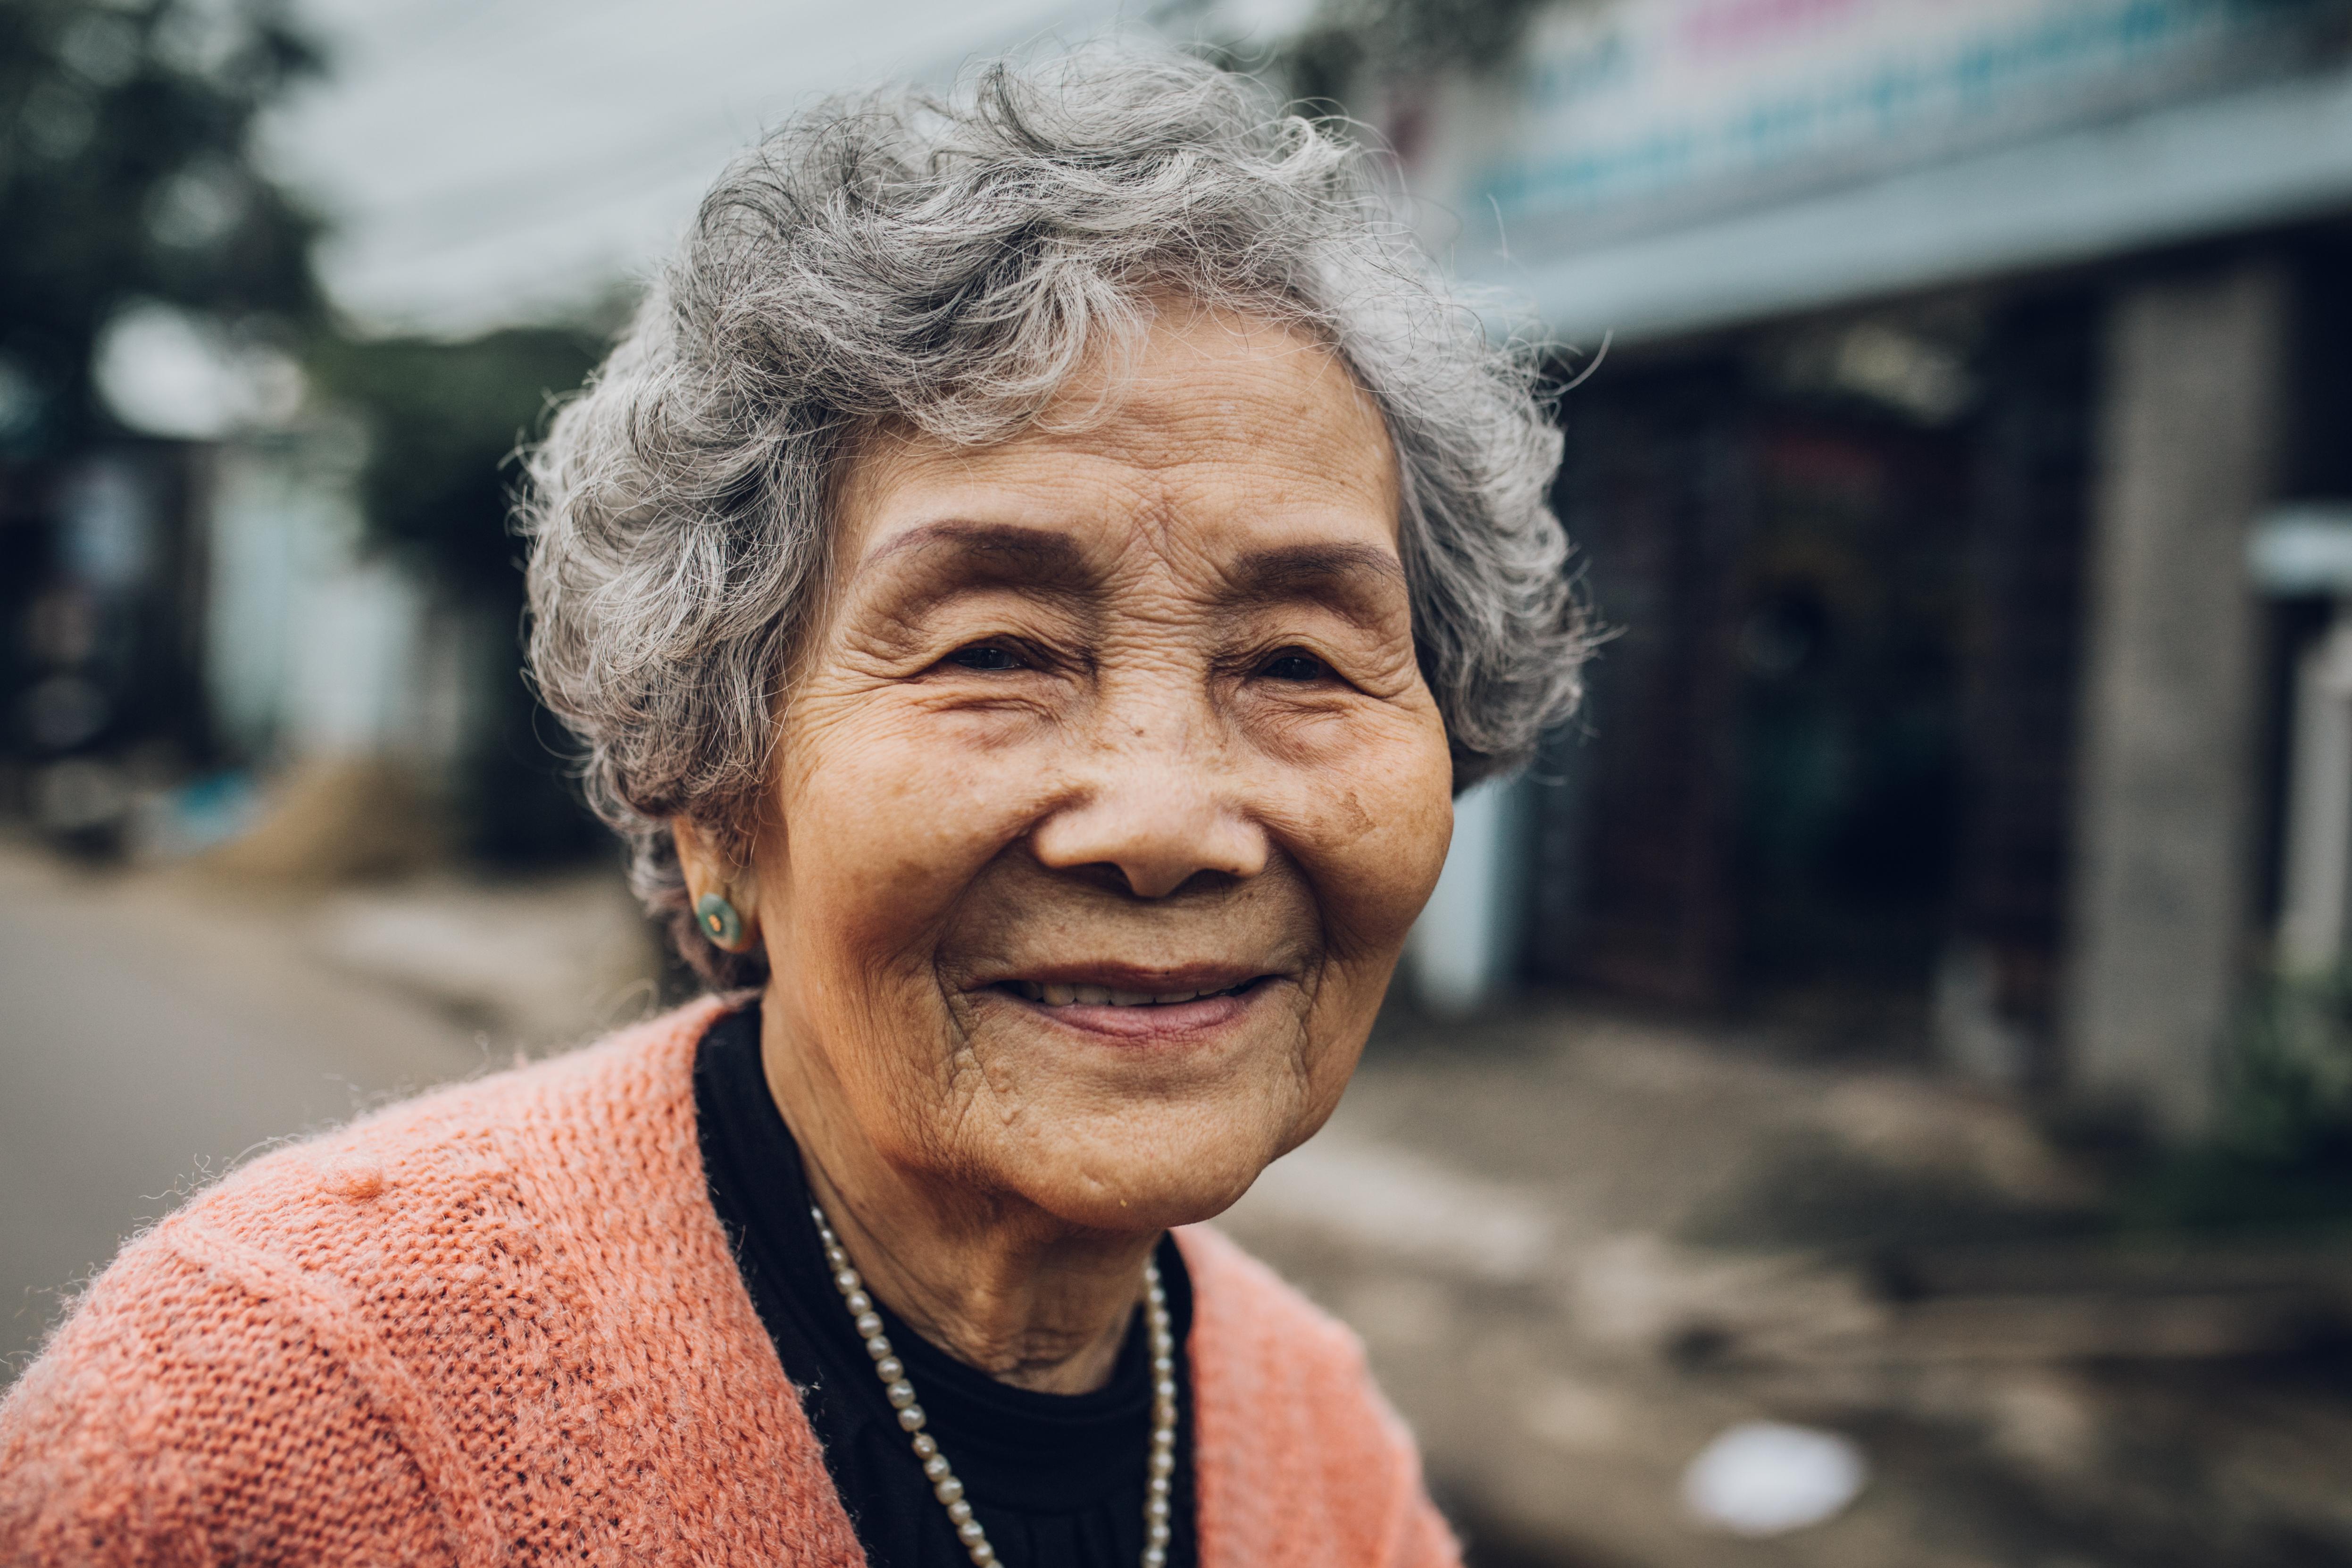 MaiThiThuyLien-LamBanh-KimLong-Hue122016_3374